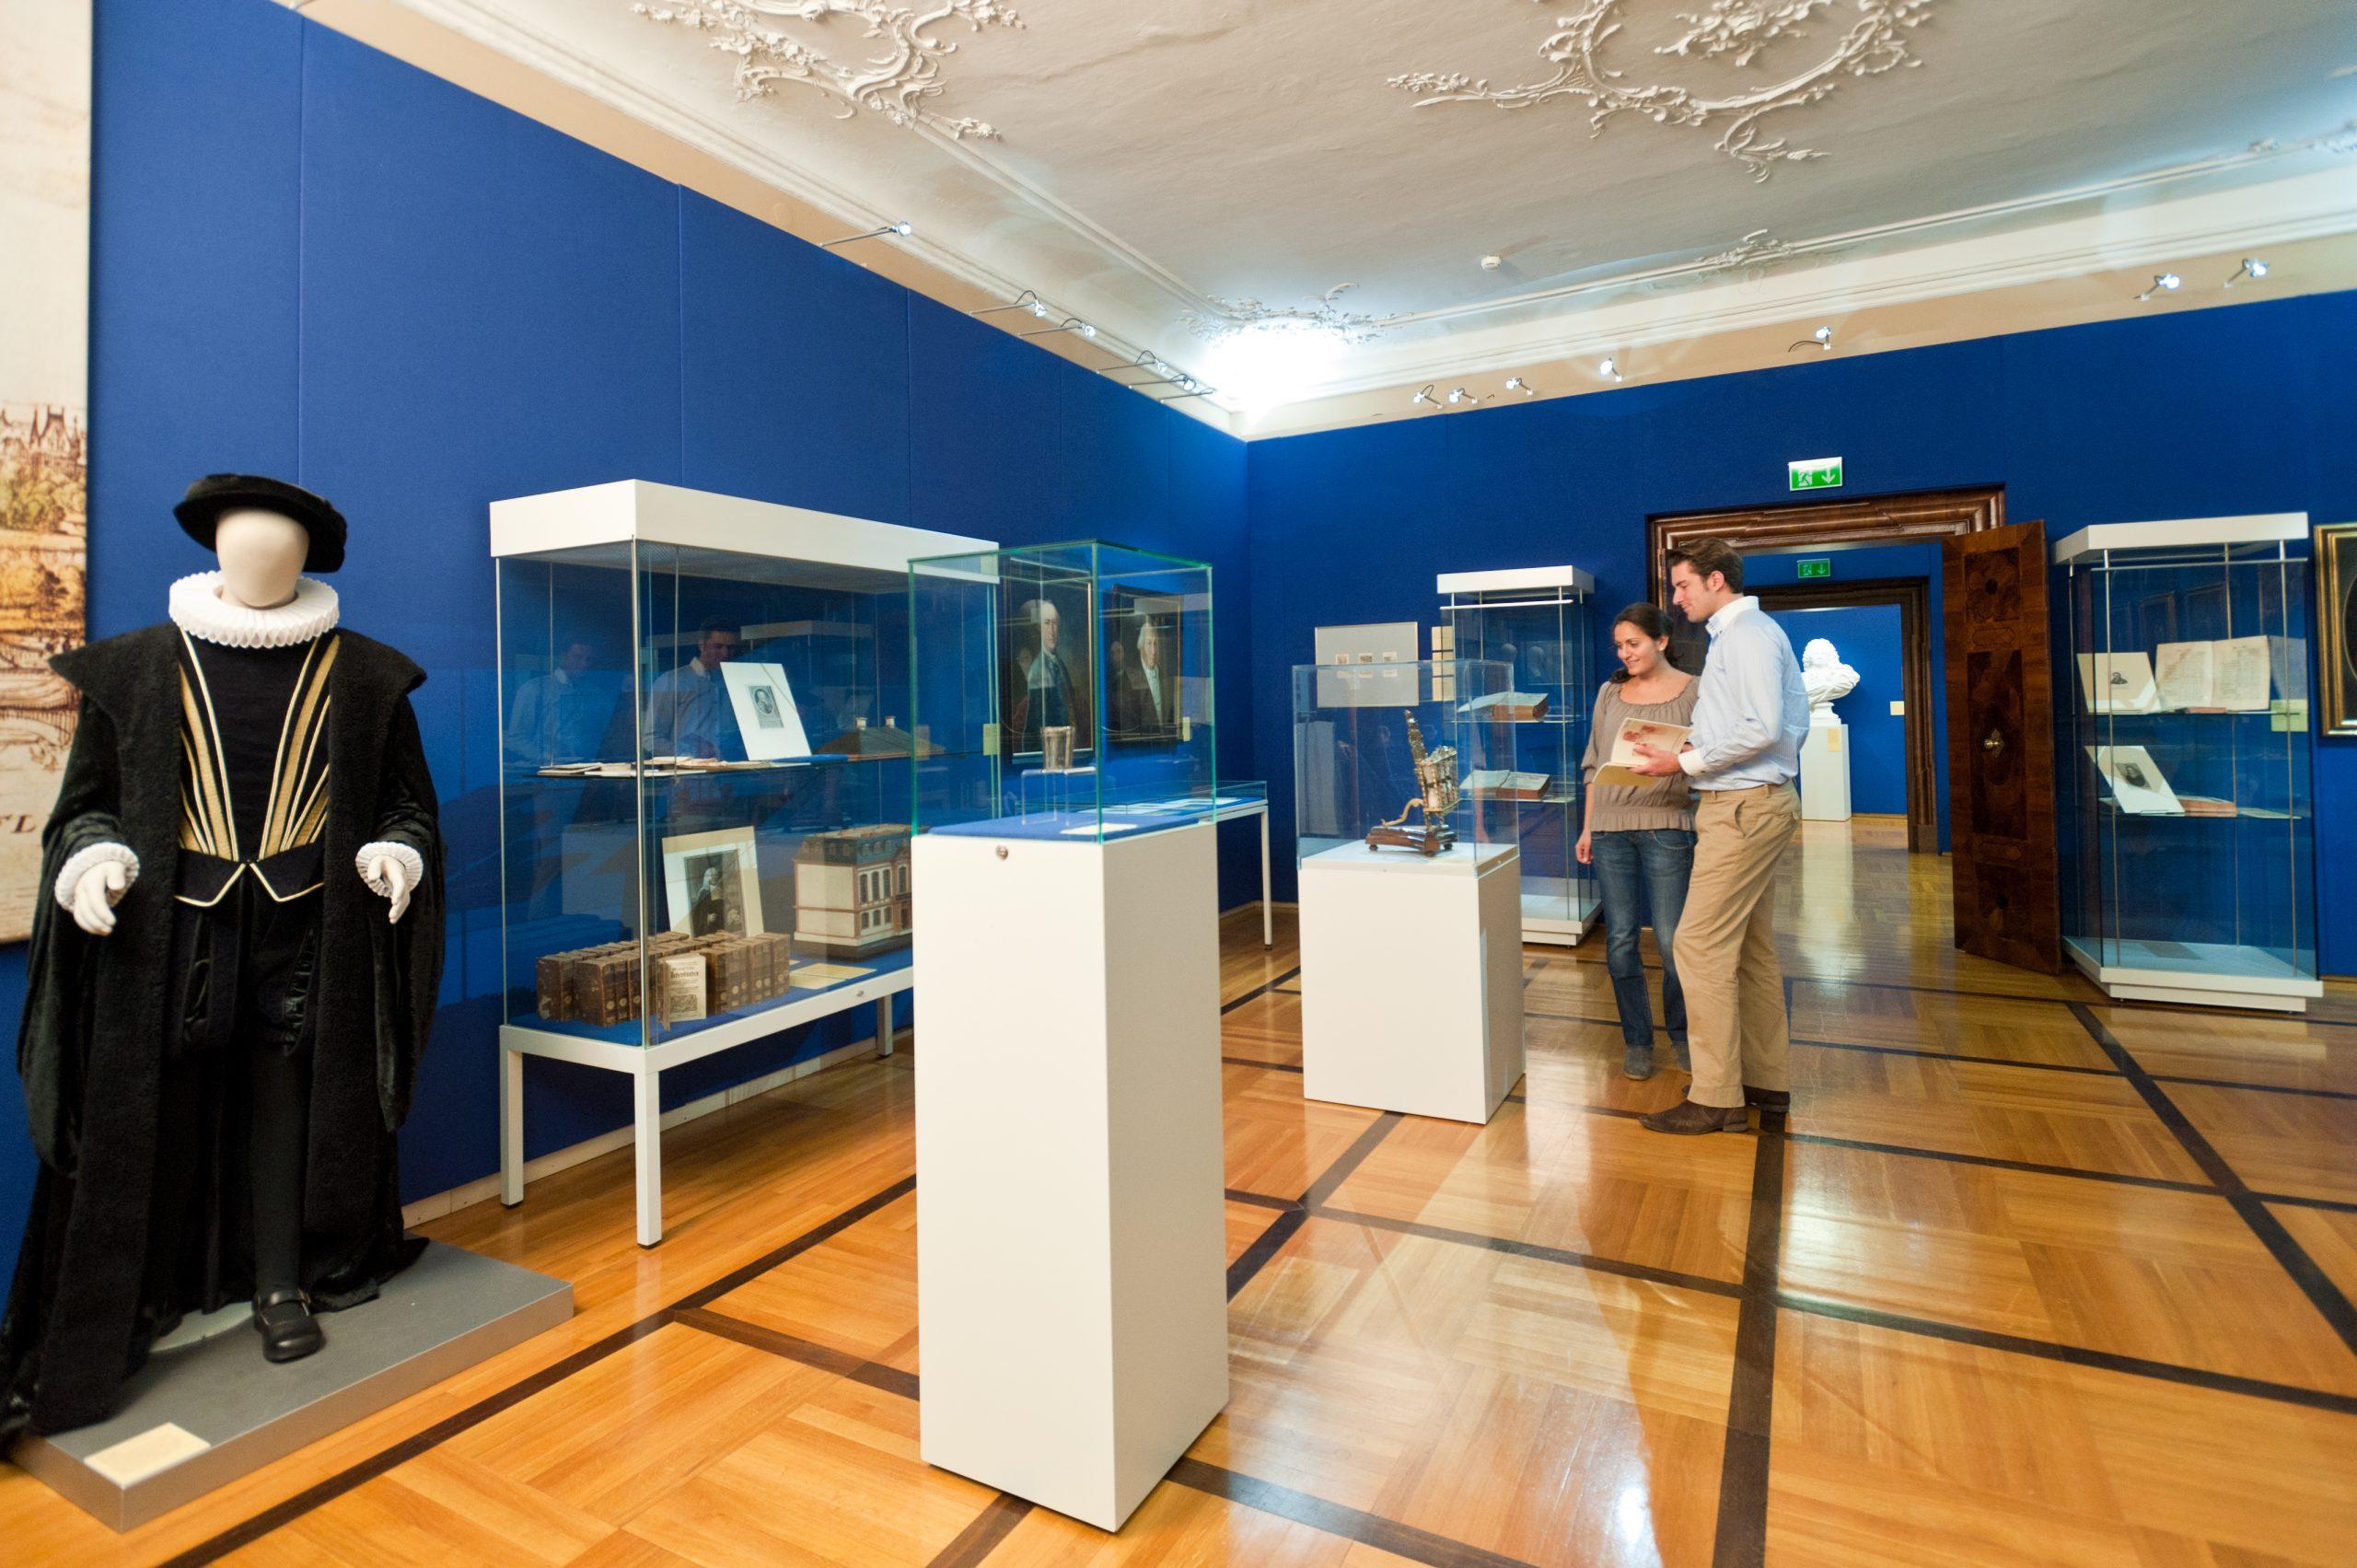 Wetzlar Reichskammermuseum